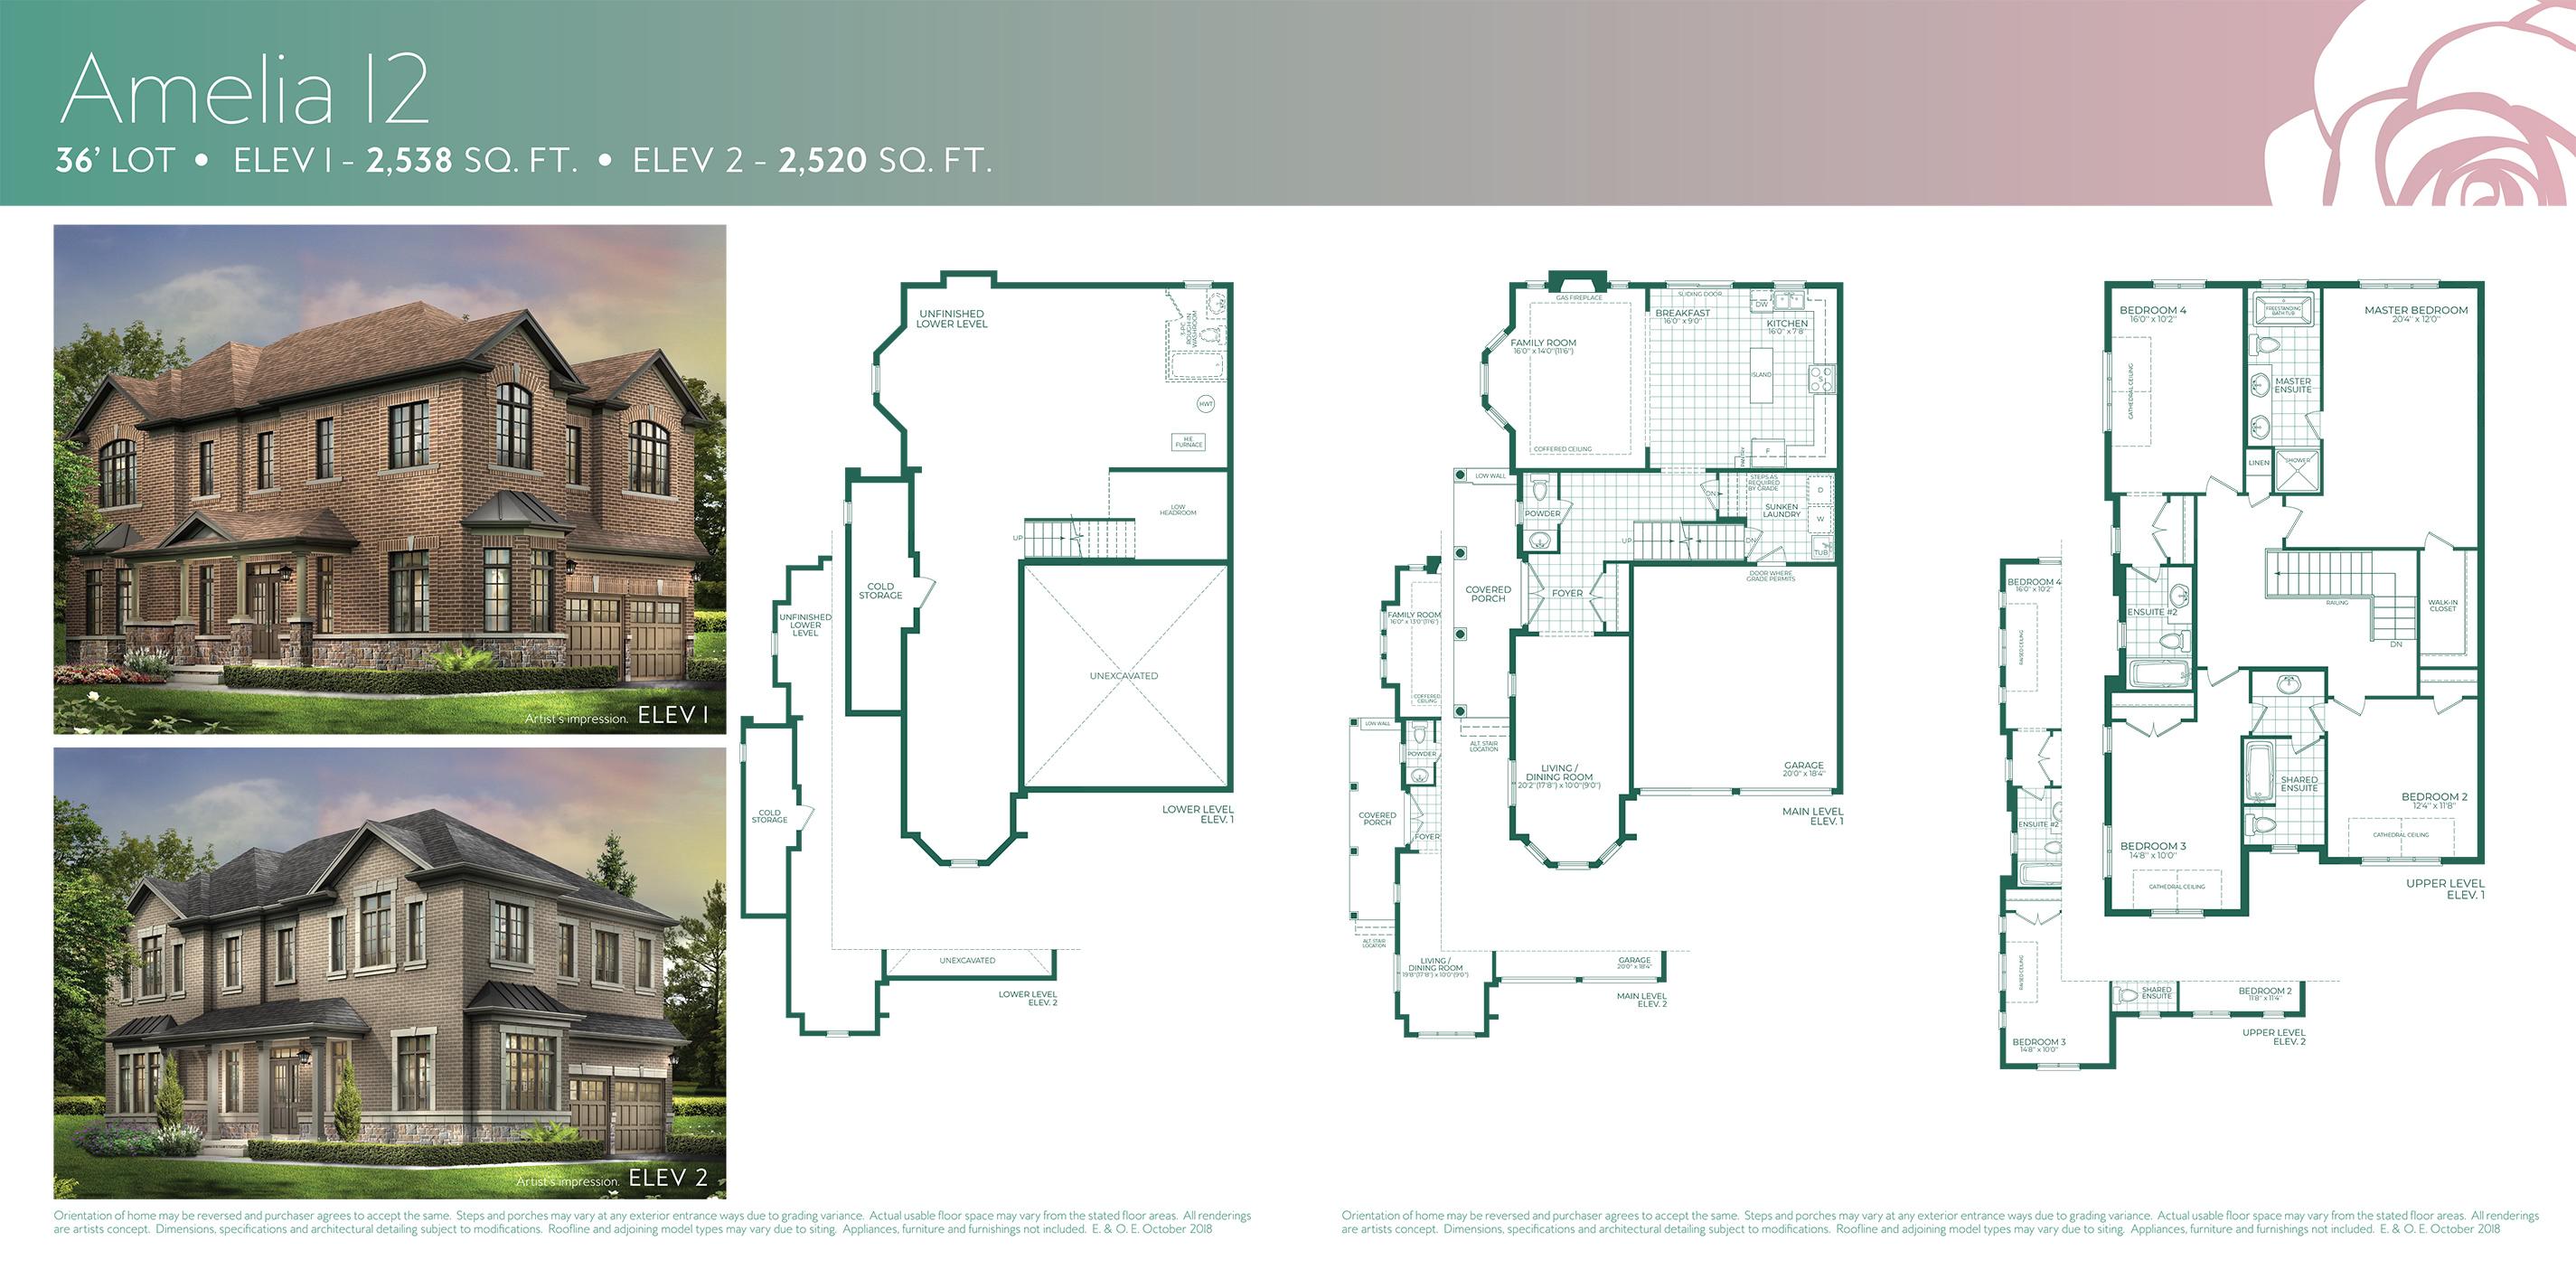 Amelia 12 Floorplan